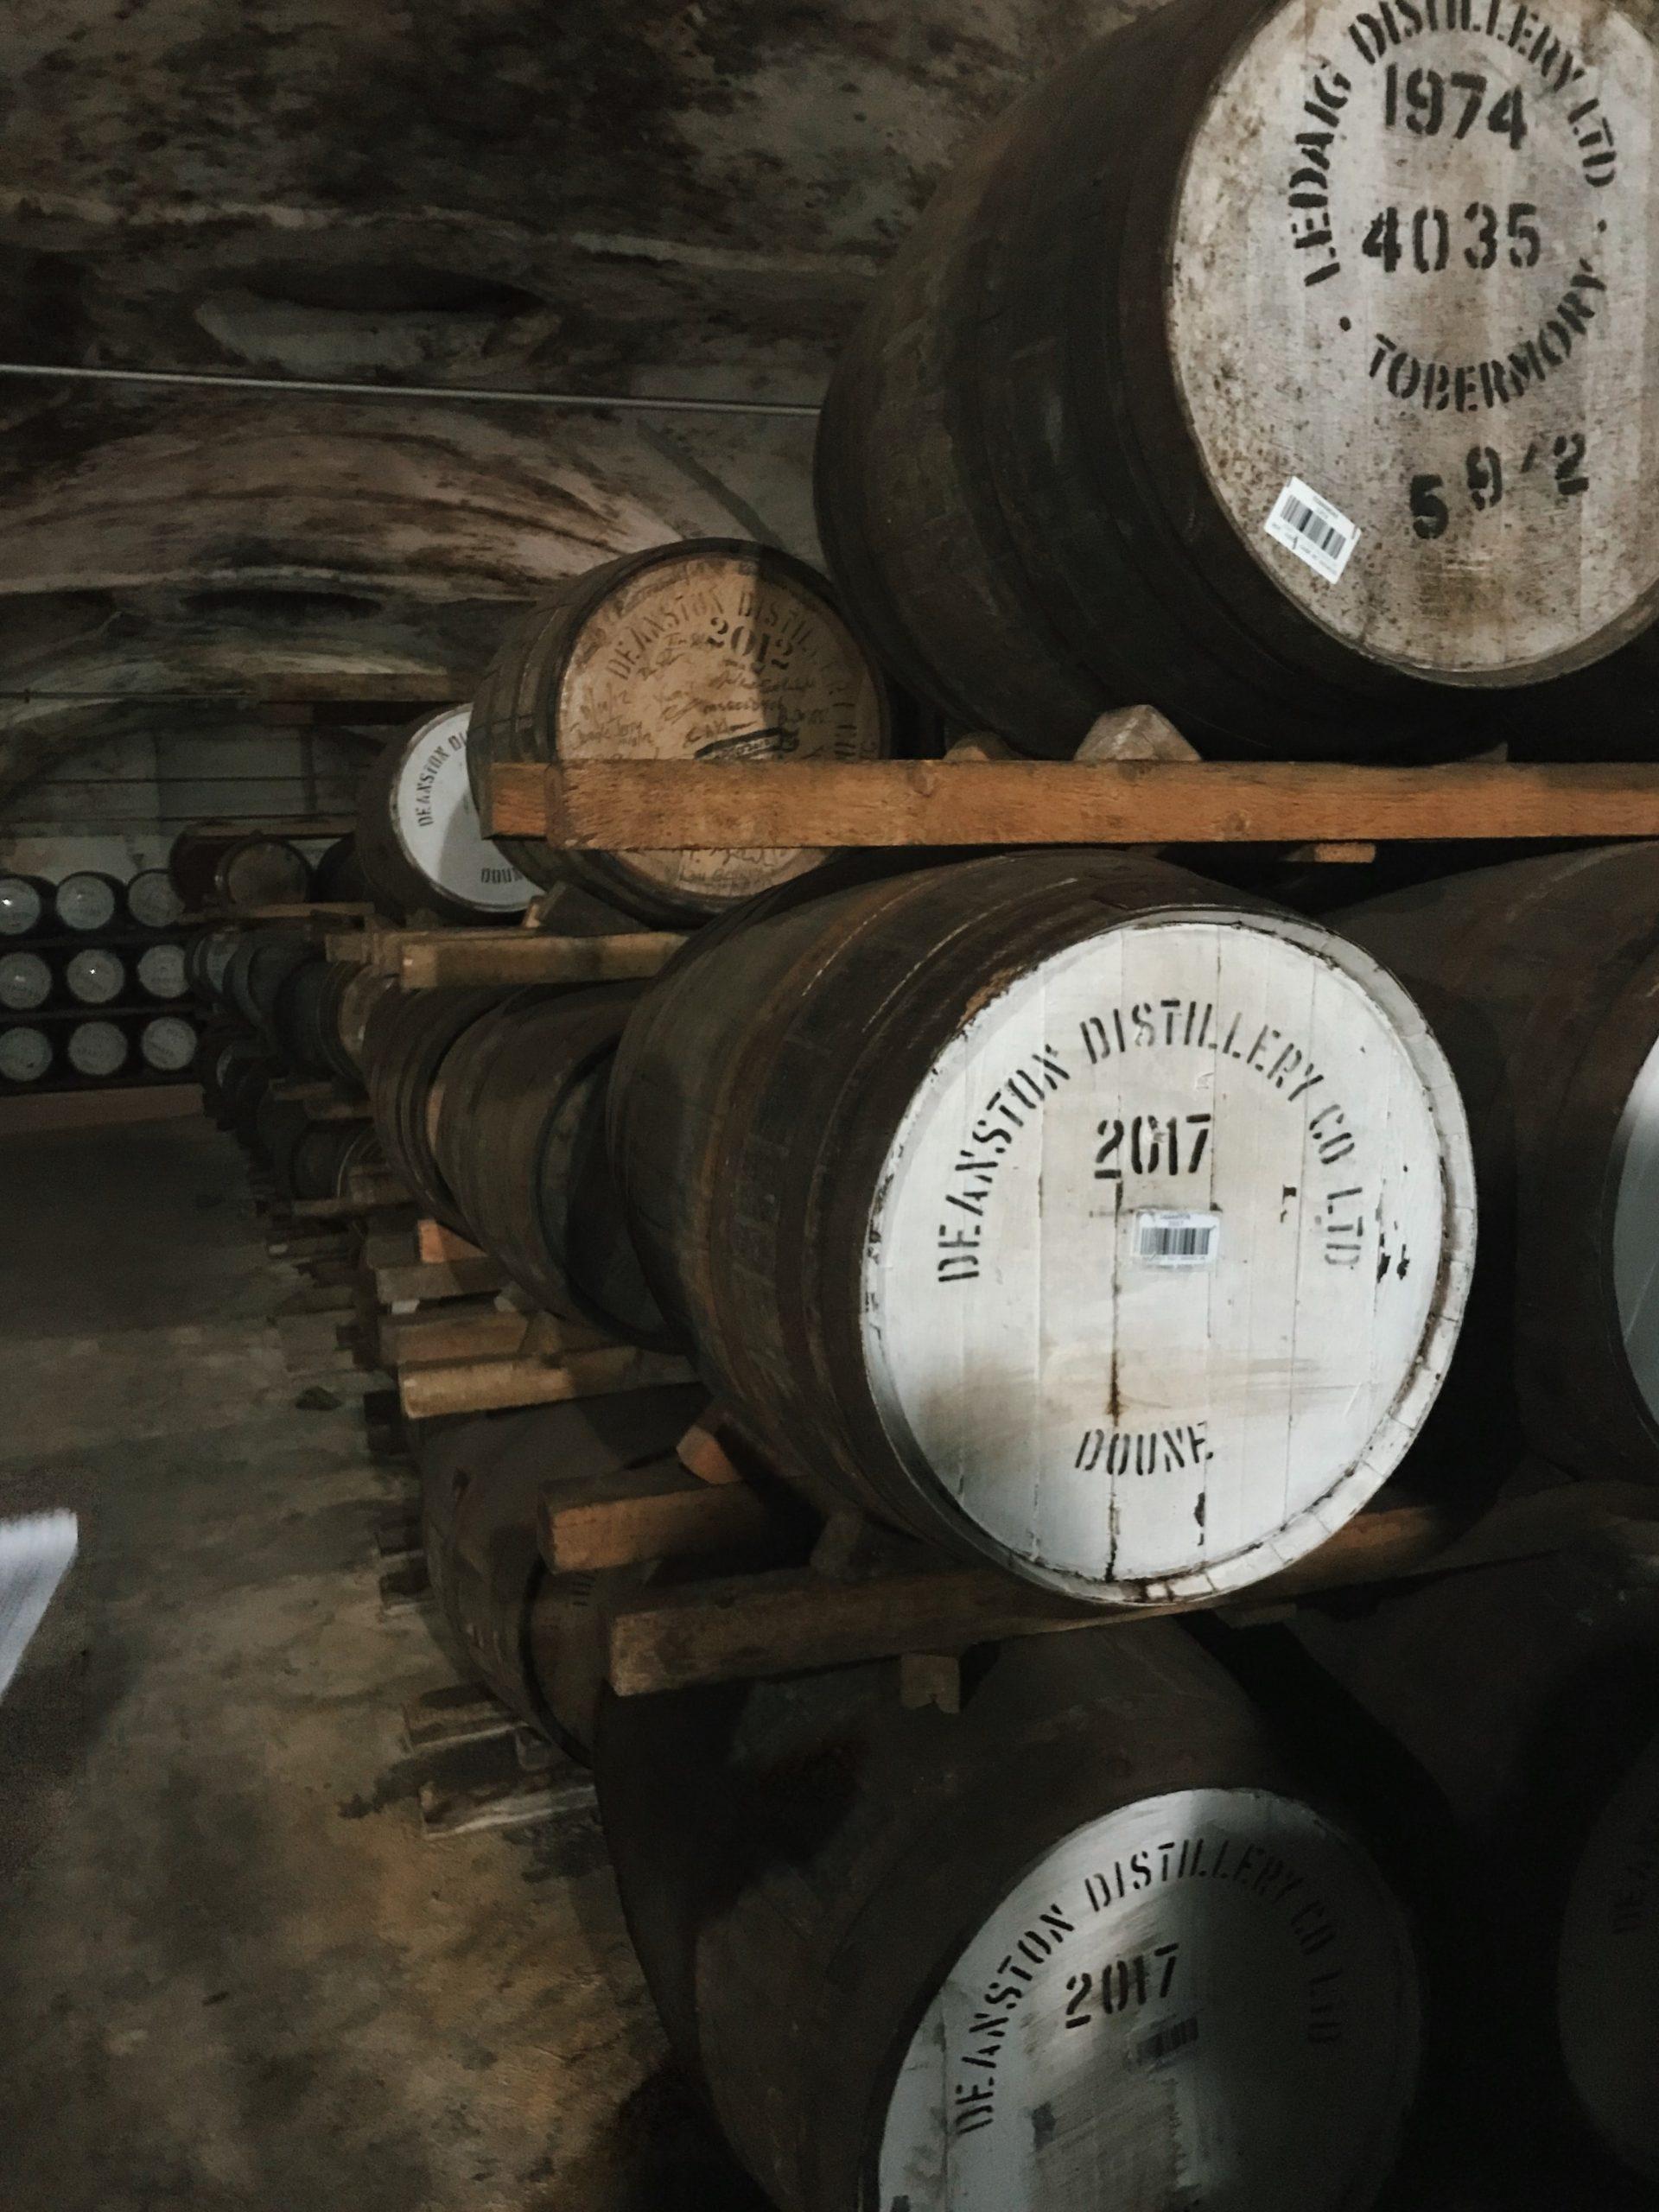 Fine Scottish Whisky